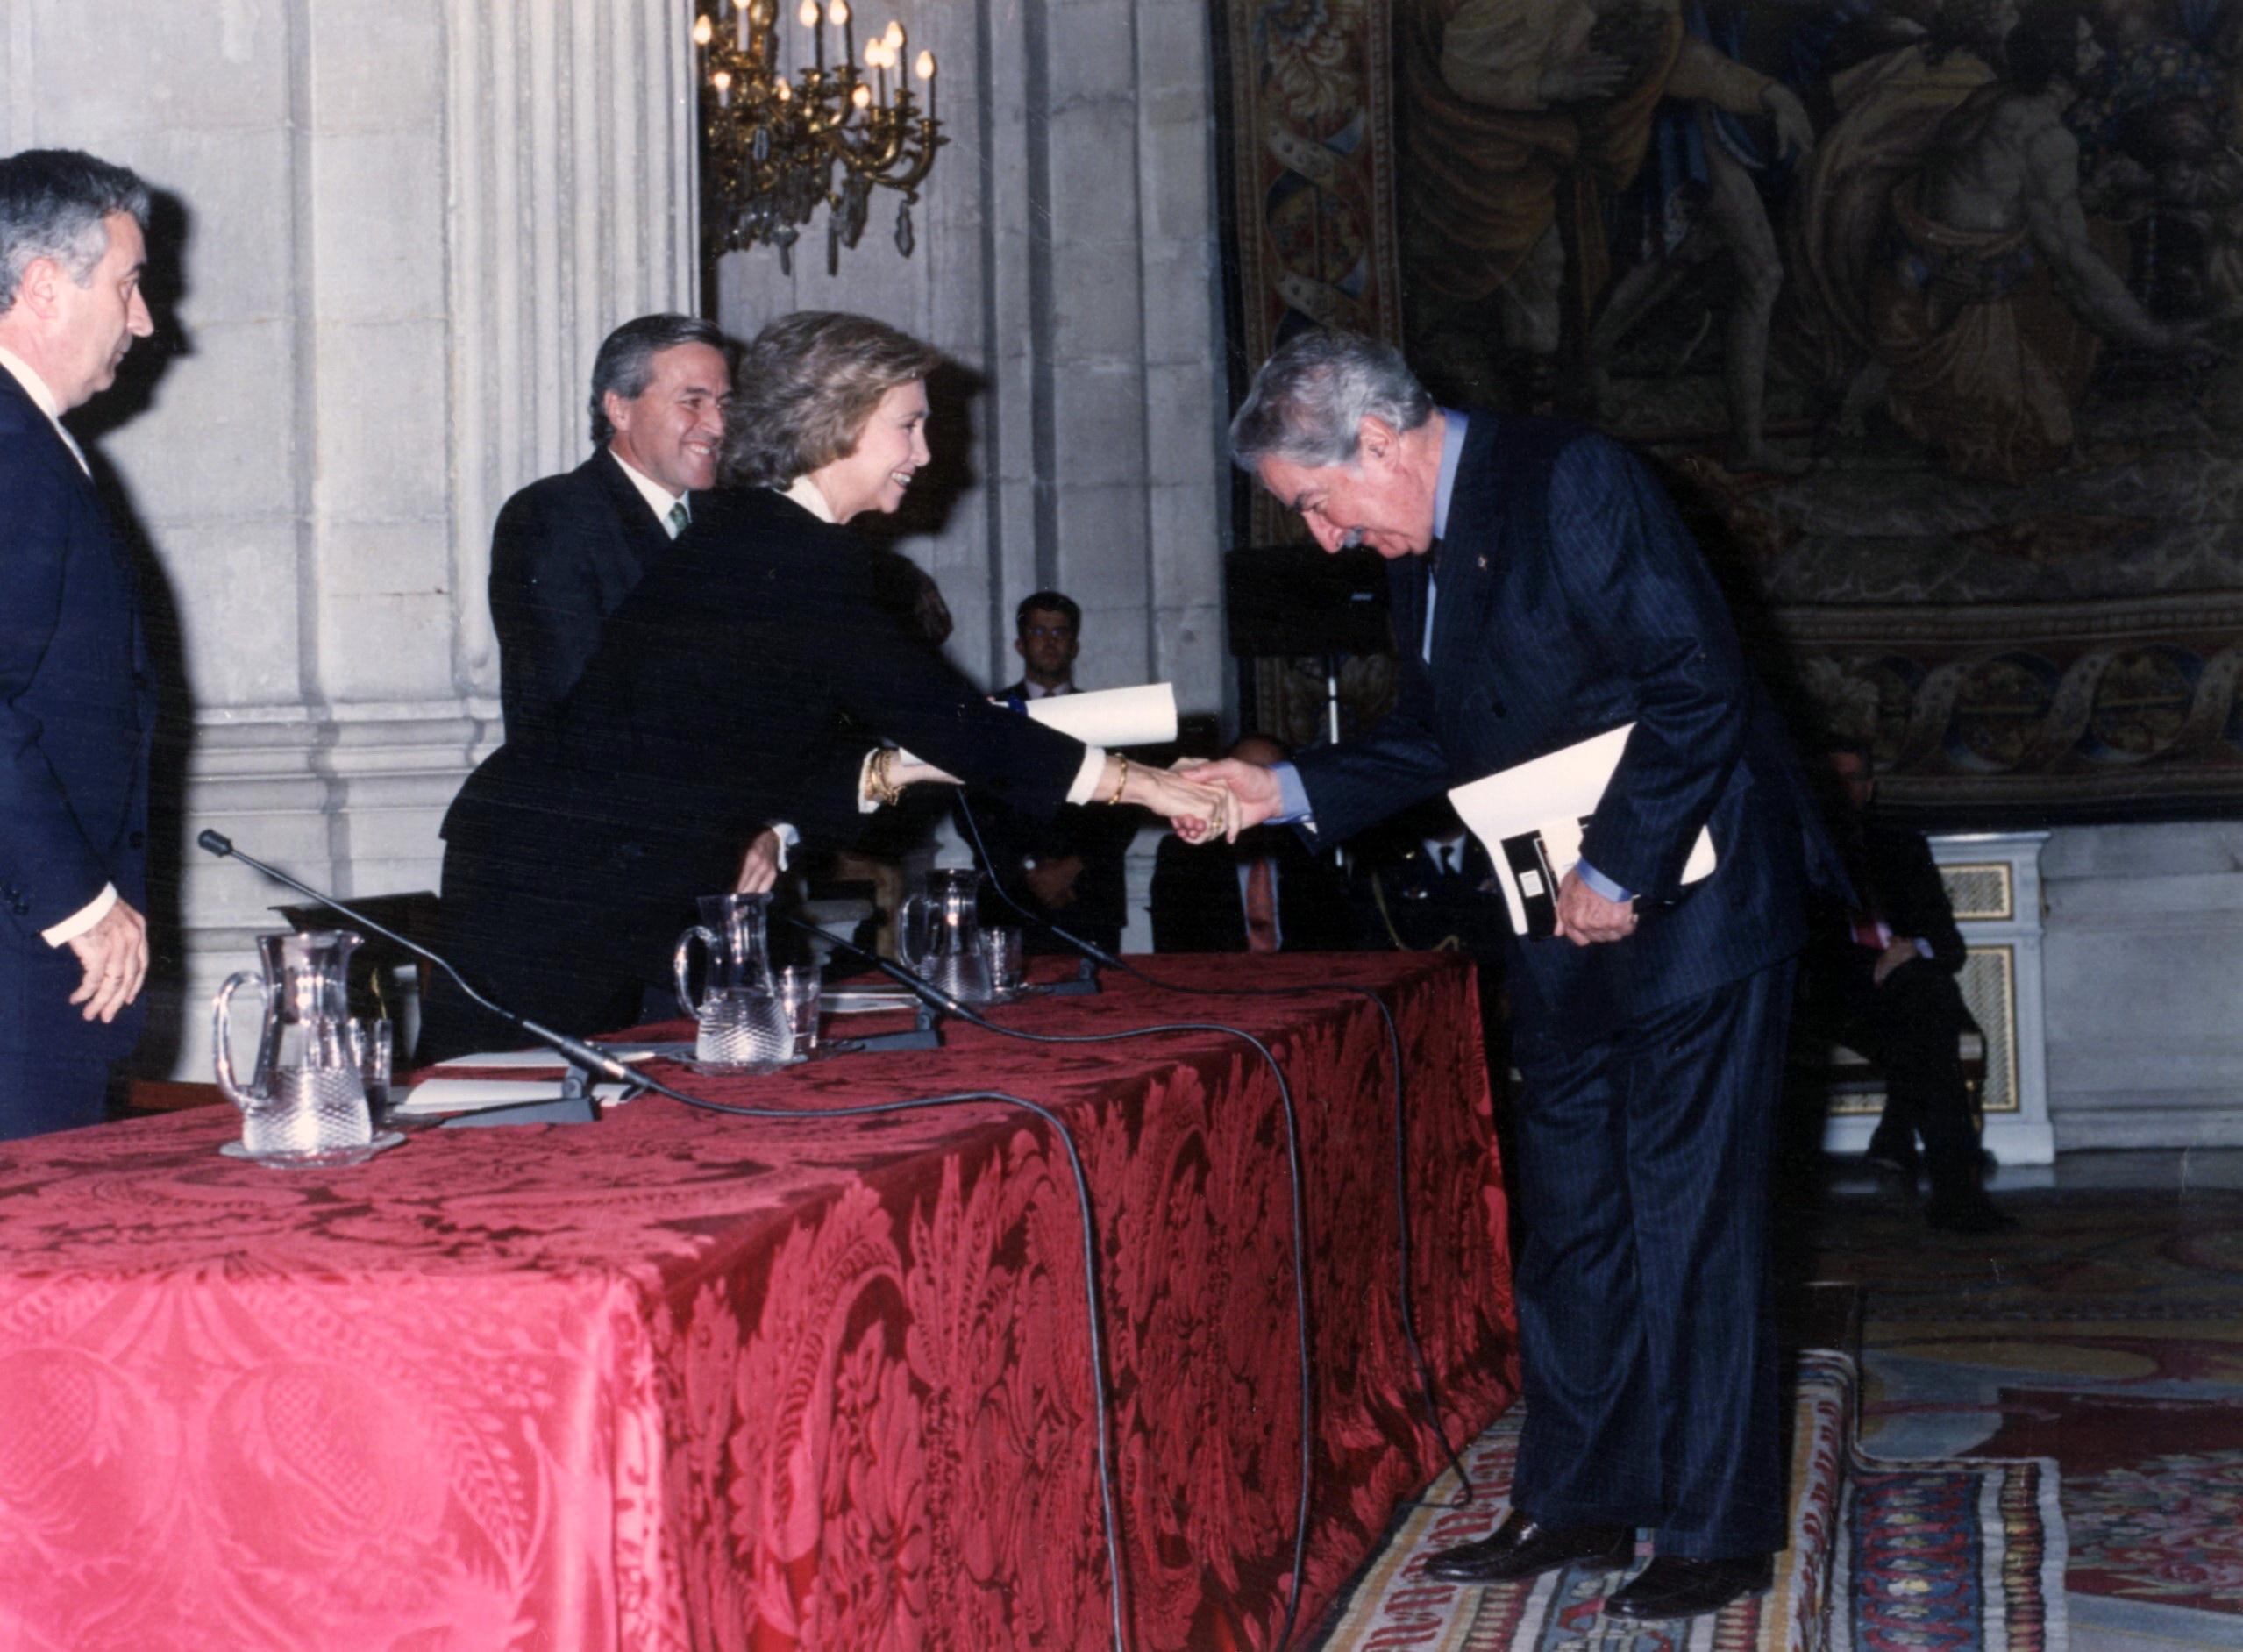 El rector lamenta la muerte del poeta colombiano Álvaro Mutis, premio Reina Sofía de Poesía Iberoamericana en 1997